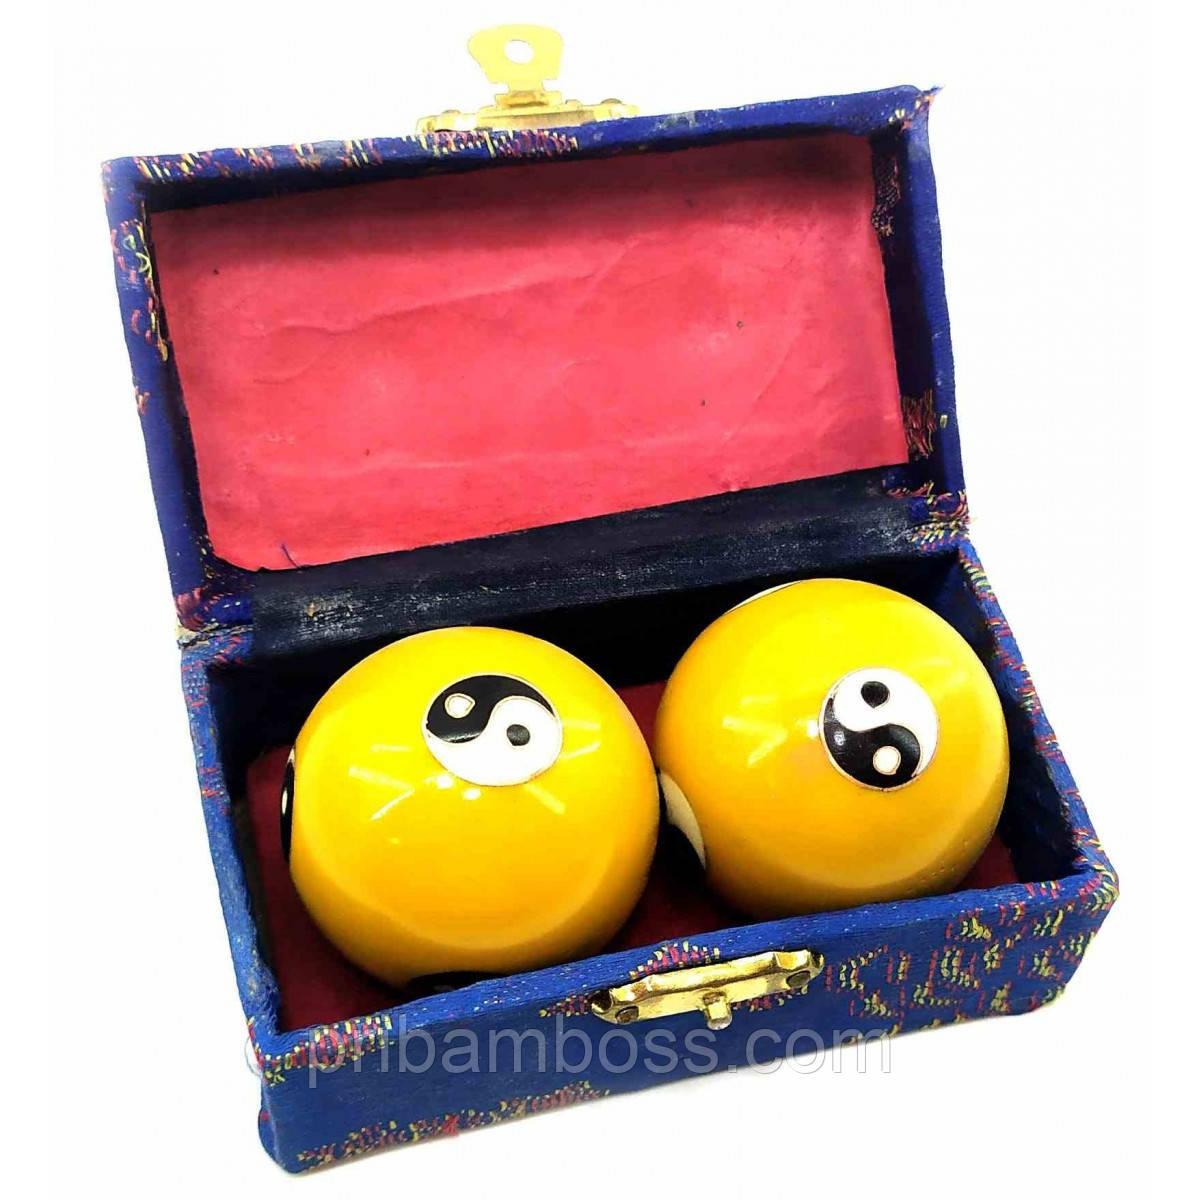 """Кулі масажні музичні """"Інь Янь"""" жовті 4,5 см"""